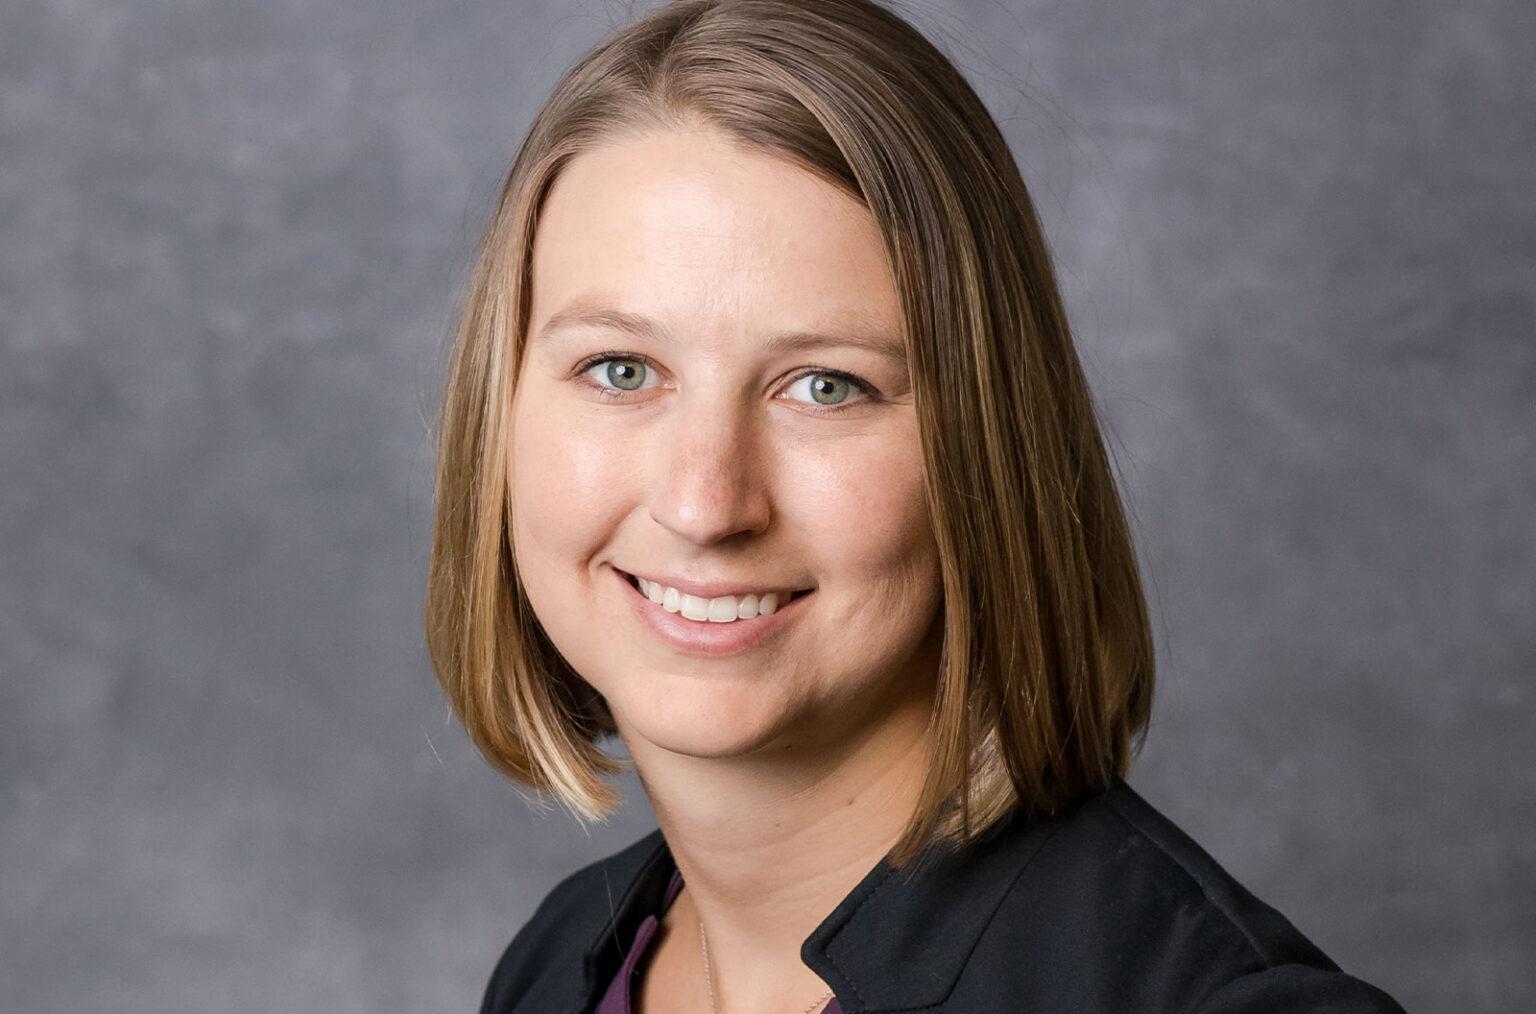 Lauren Leyrer